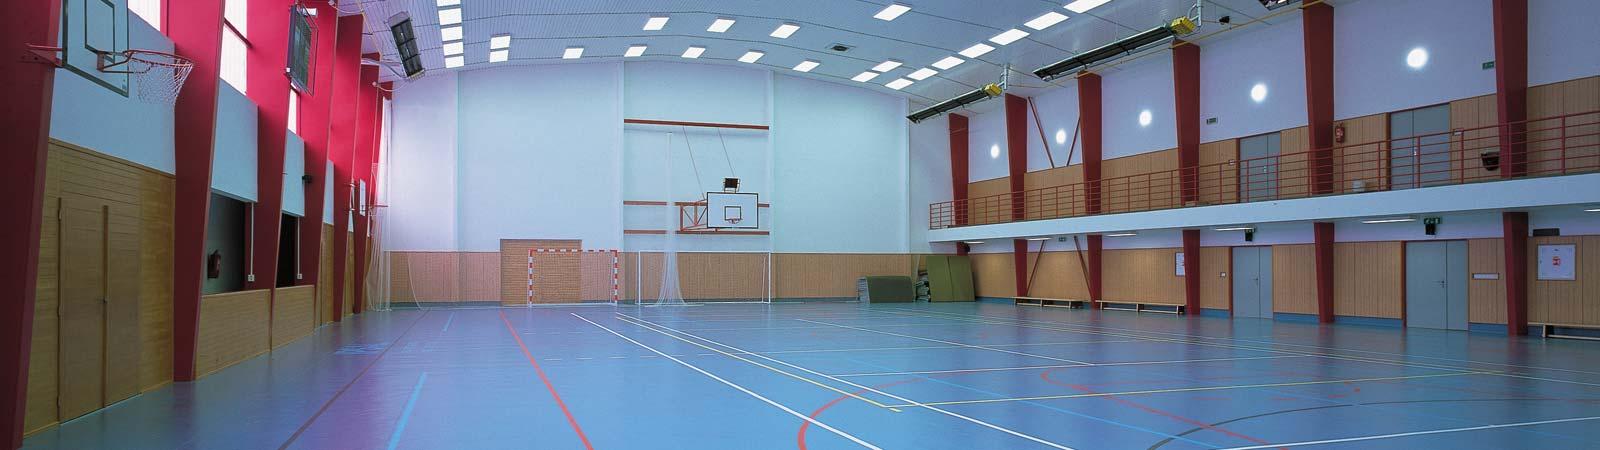 Sportovní hala pro míčové hry, volejbal, tenis, florbal, házená, košíková